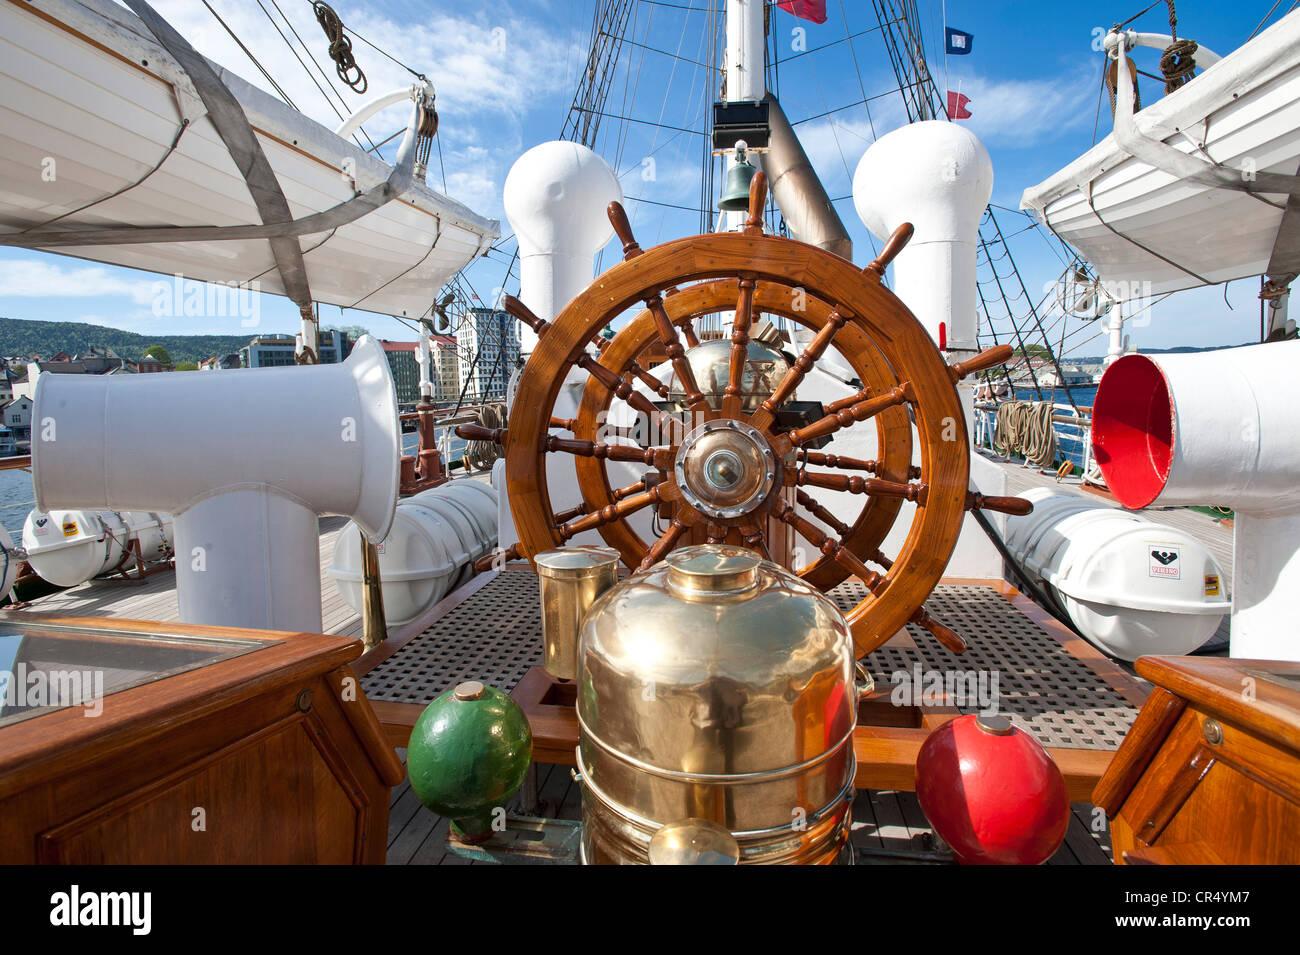 Volante, SS Lehmkuhl, Bergen, Norvegia, Scandinavia, Europa settentrionale Immagini Stock